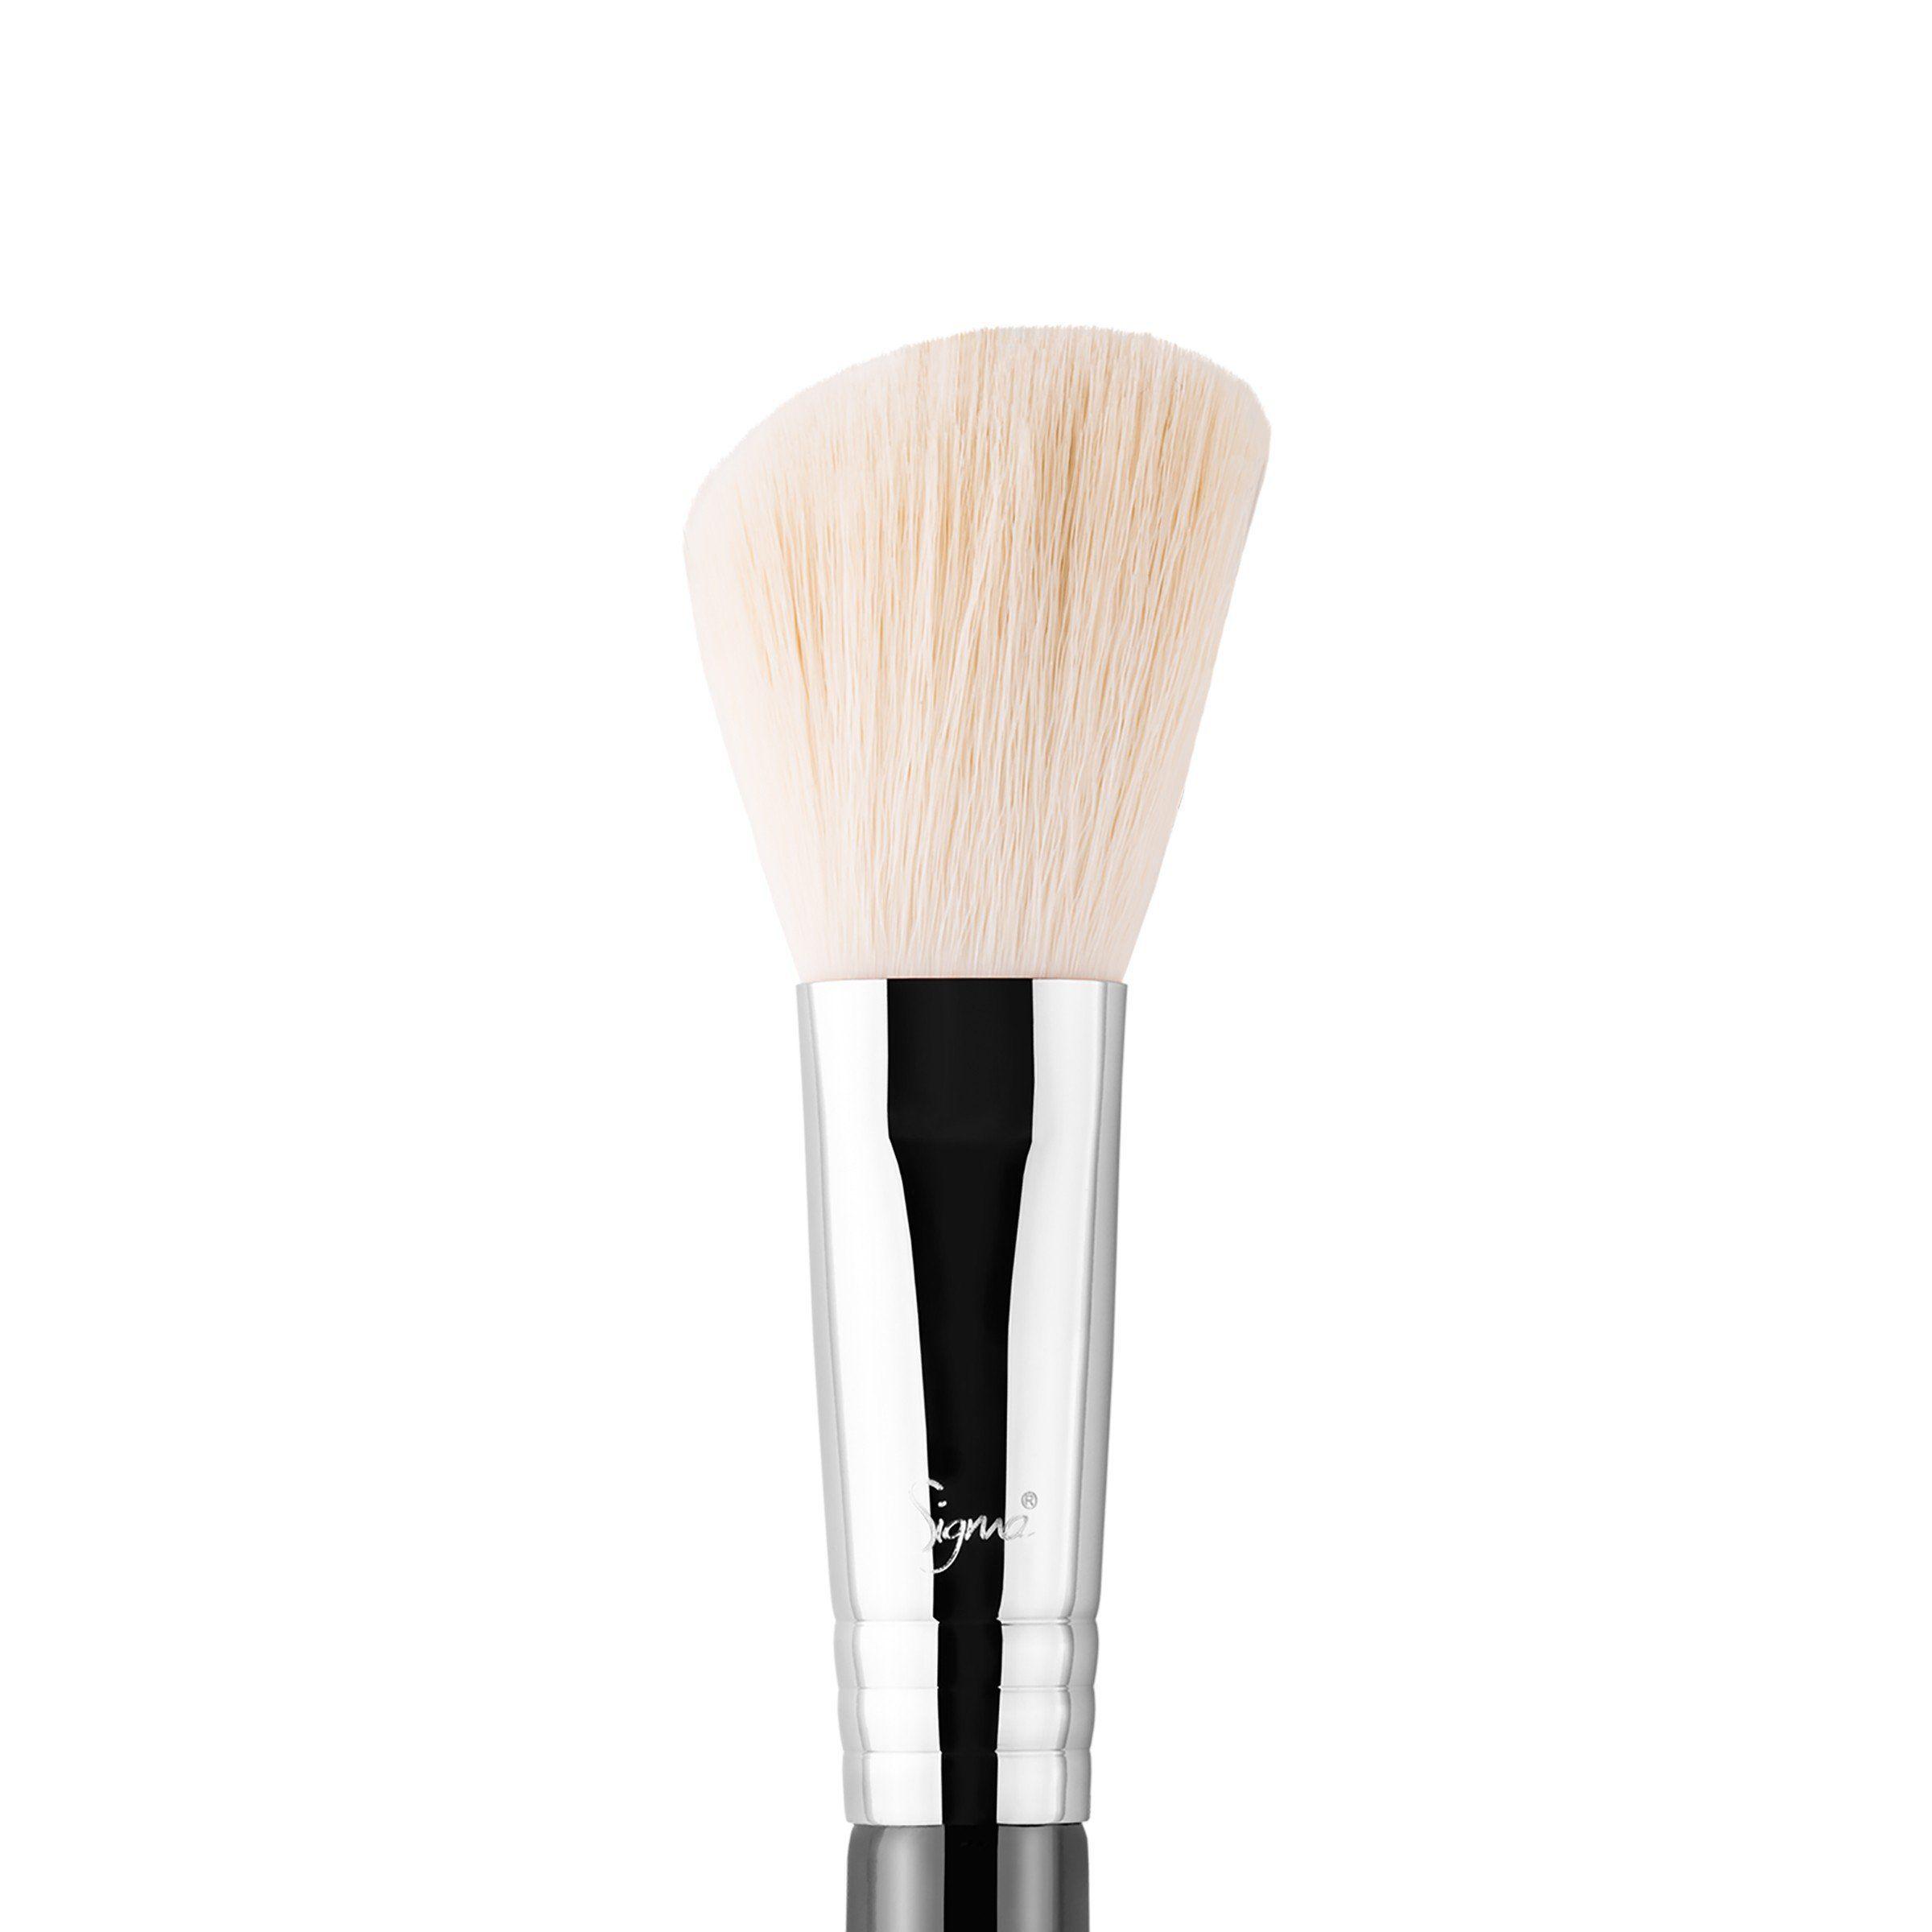 pinceau blush sigma beauty biseauté maquillage makeup